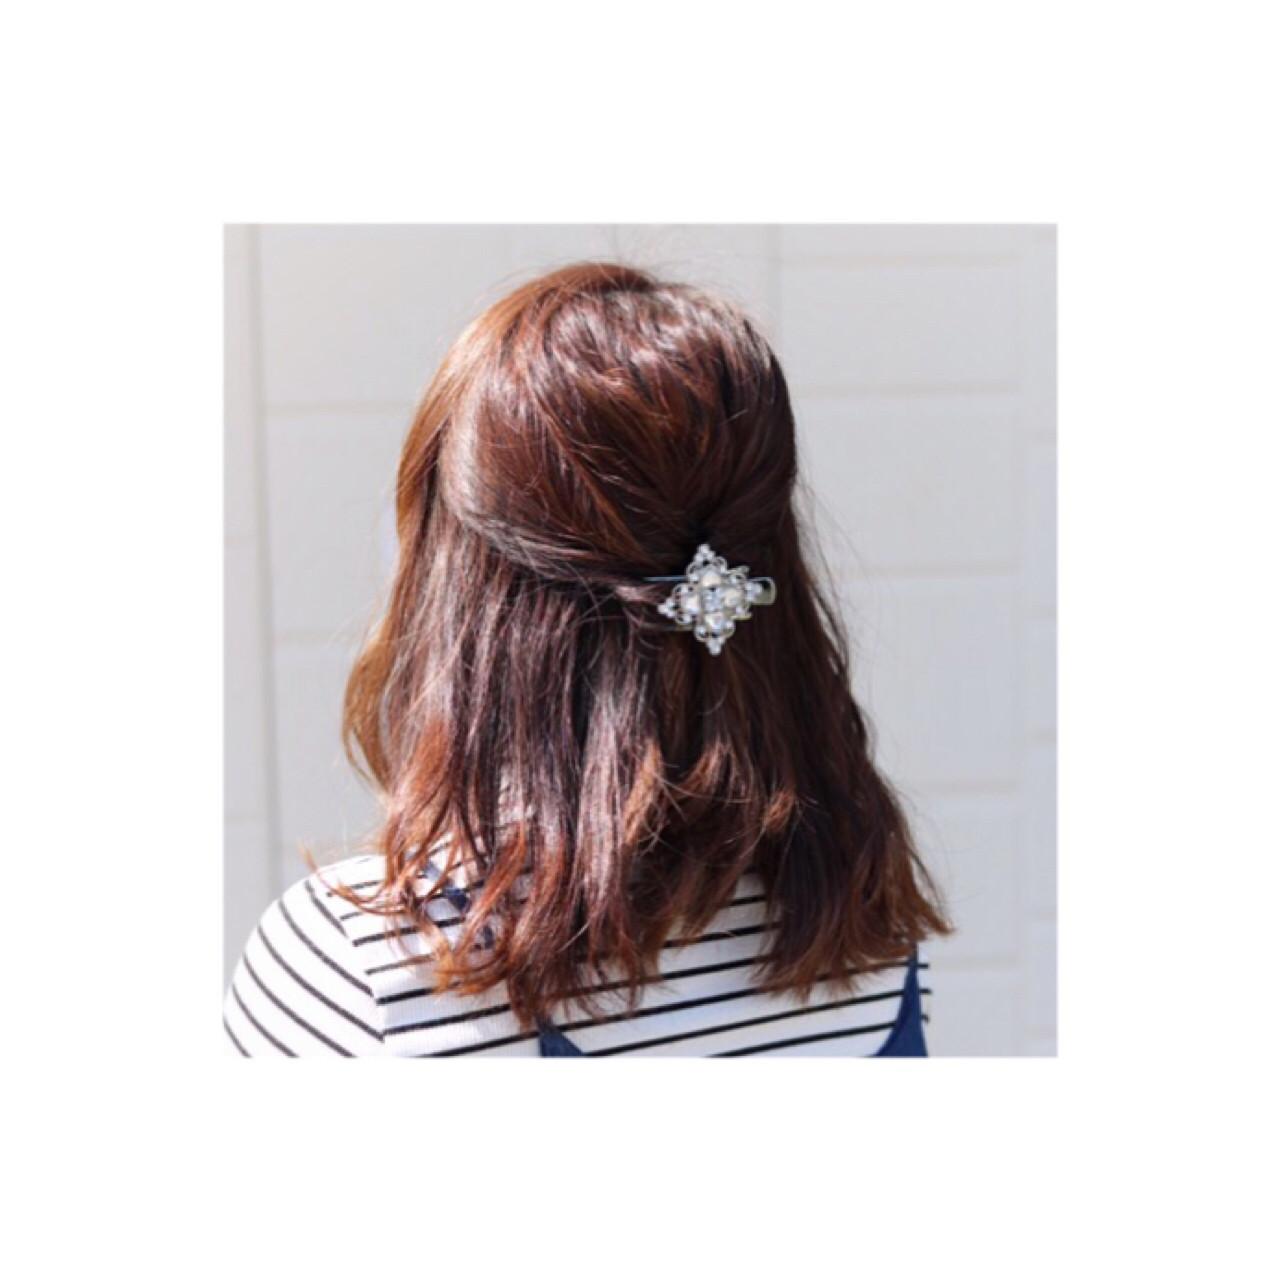 ヘアアレンジ ミディアム 簡単ヘアアレンジ ハーフアップ ヘアスタイルや髪型の写真・画像